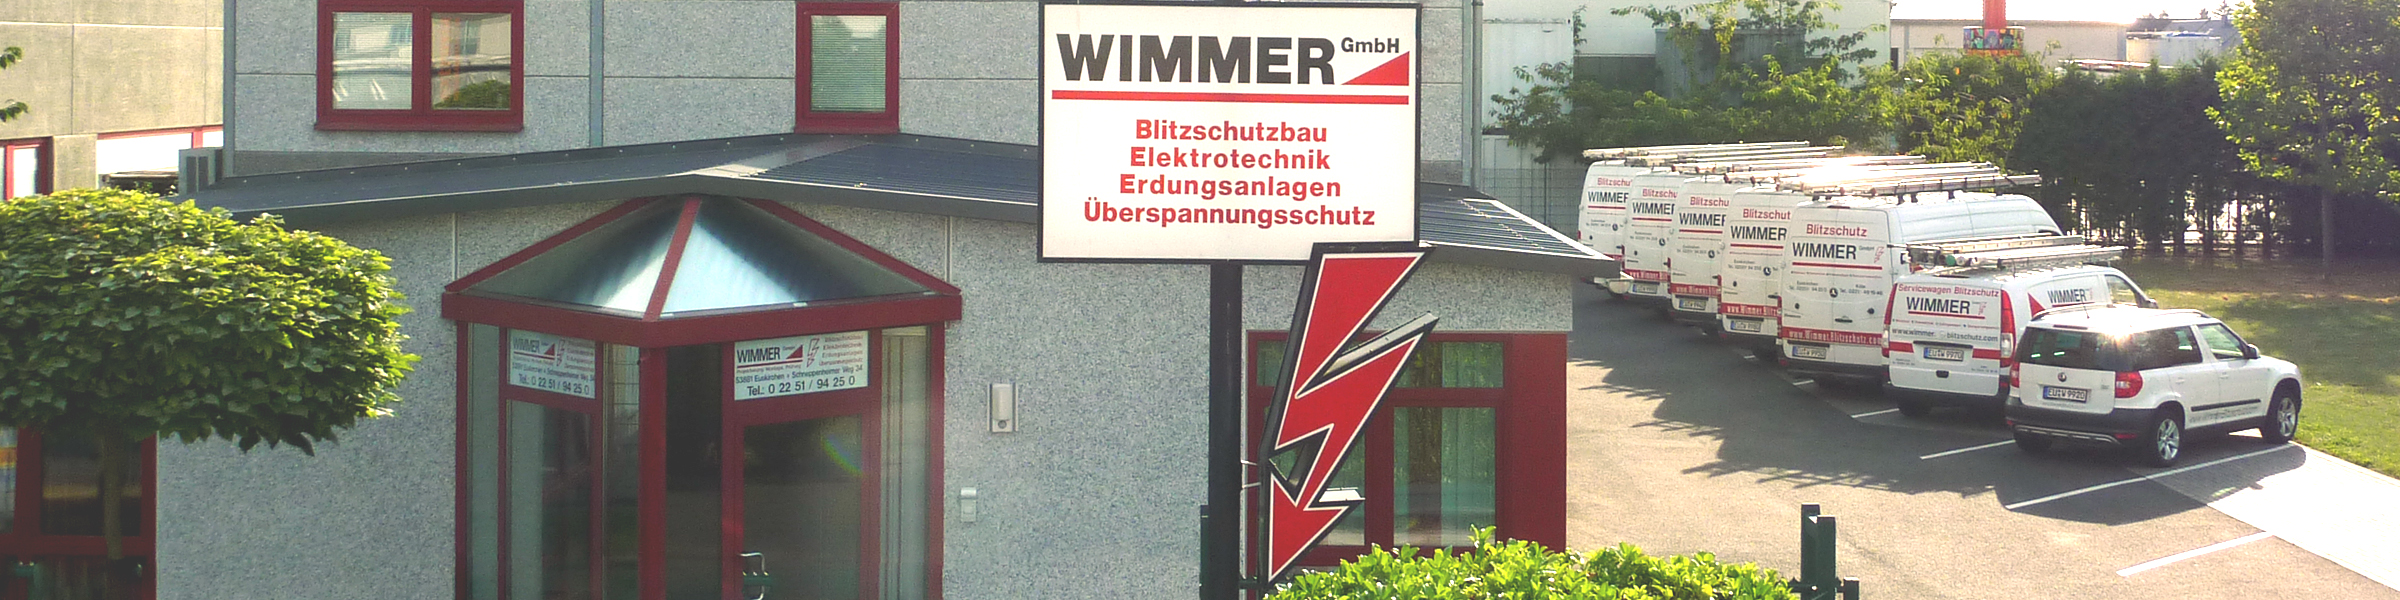 Blitzableiterbau Wimmer GmbH